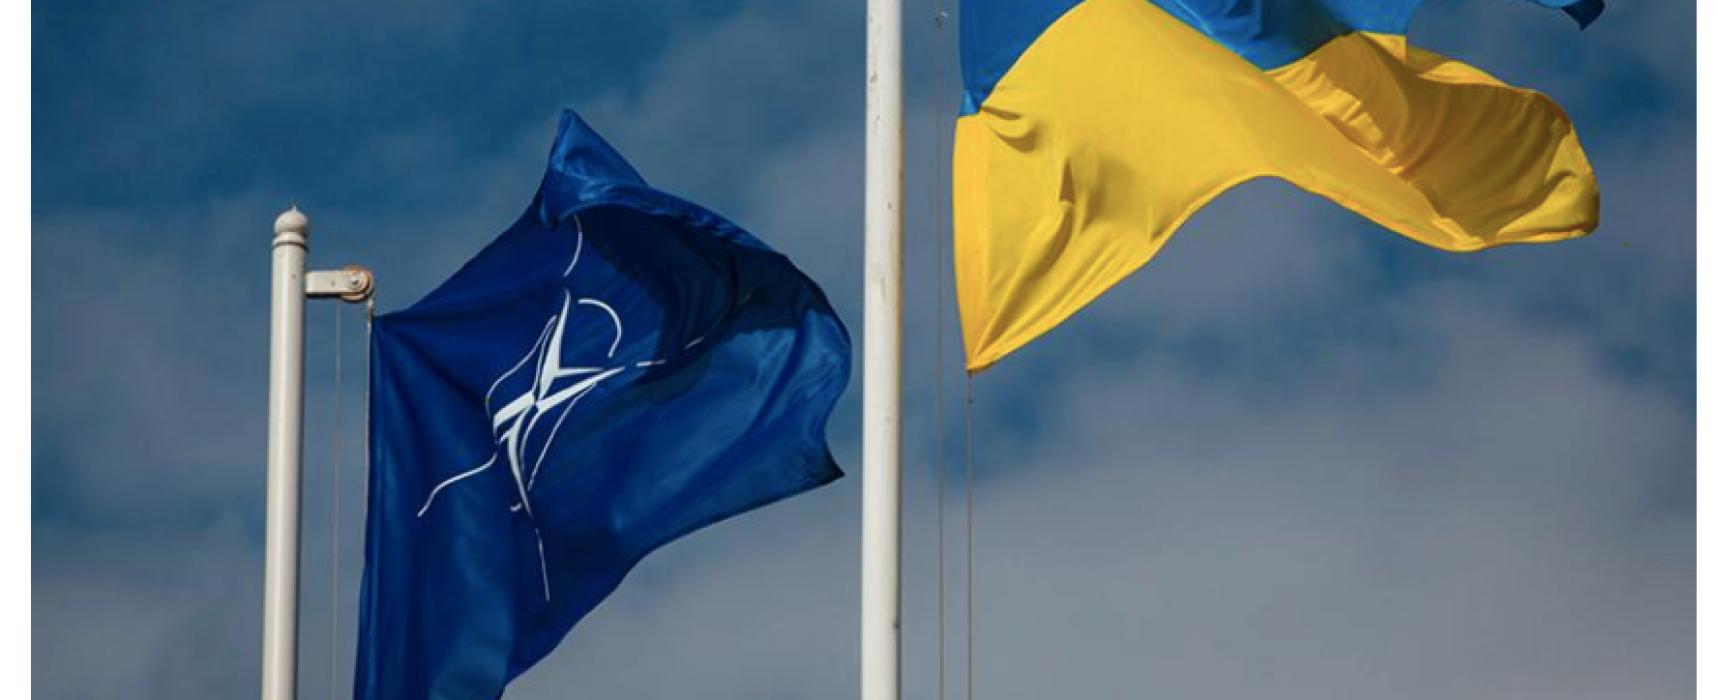 Манипуляция: В США назвали нереальным вступление Украины в НАТО